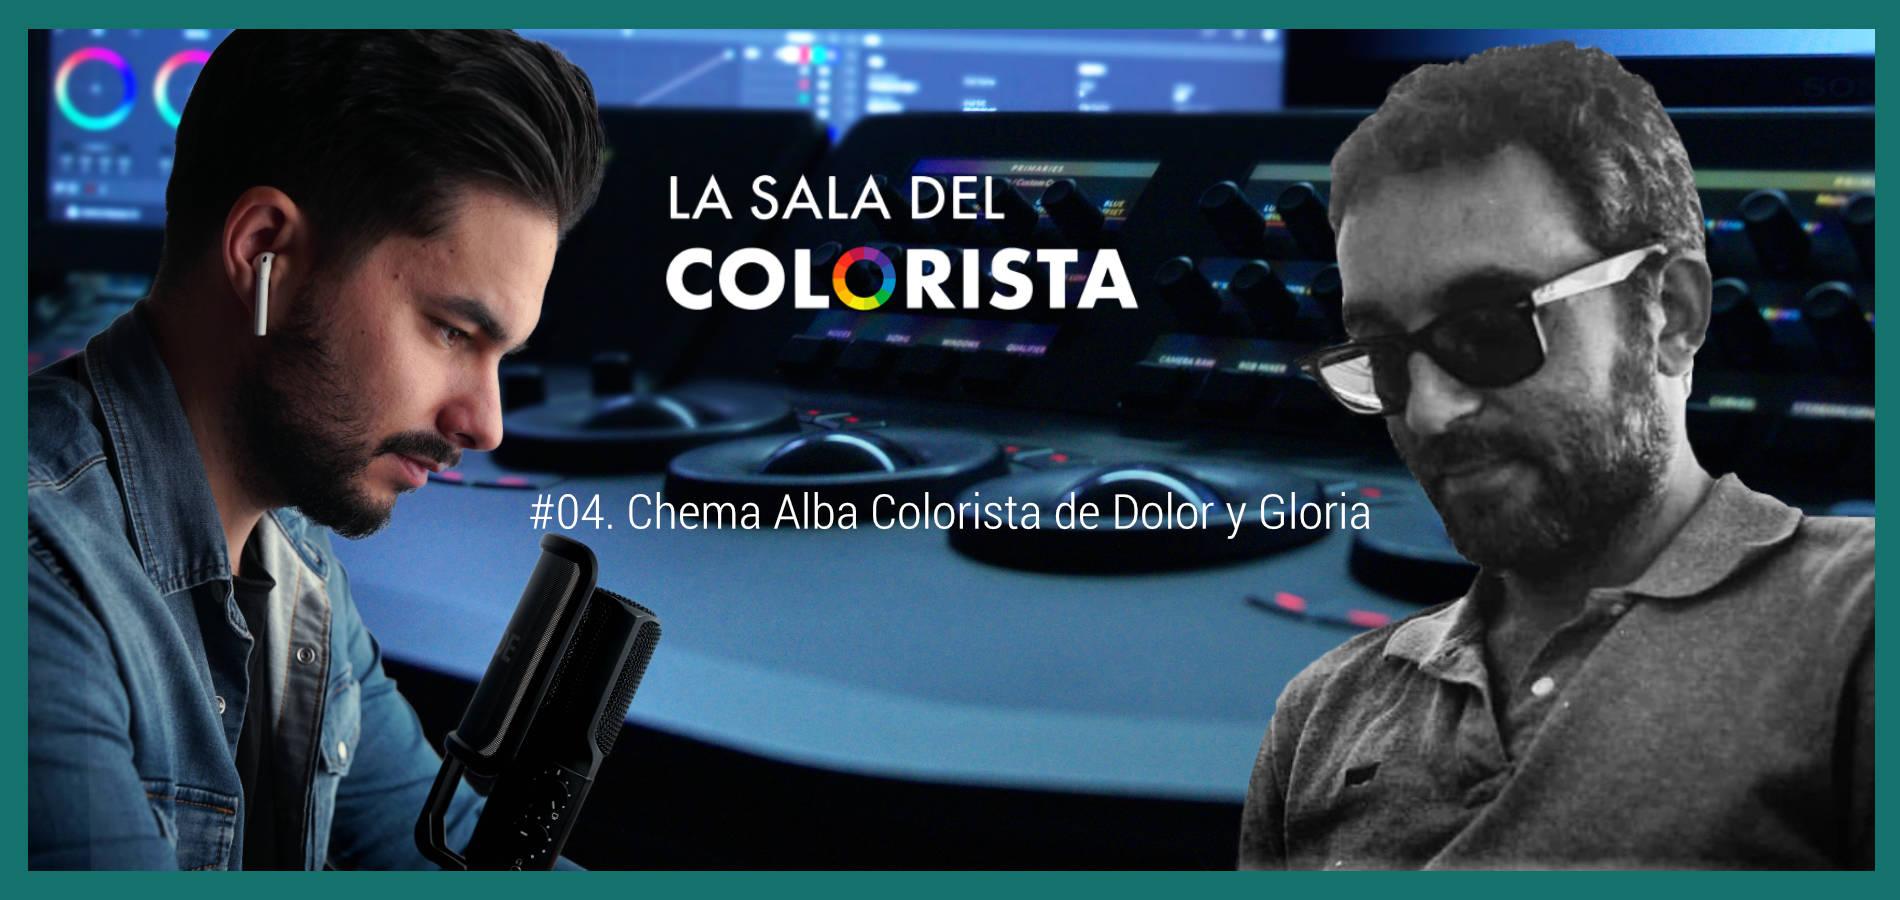 La Sala del Colorista Chema Alba